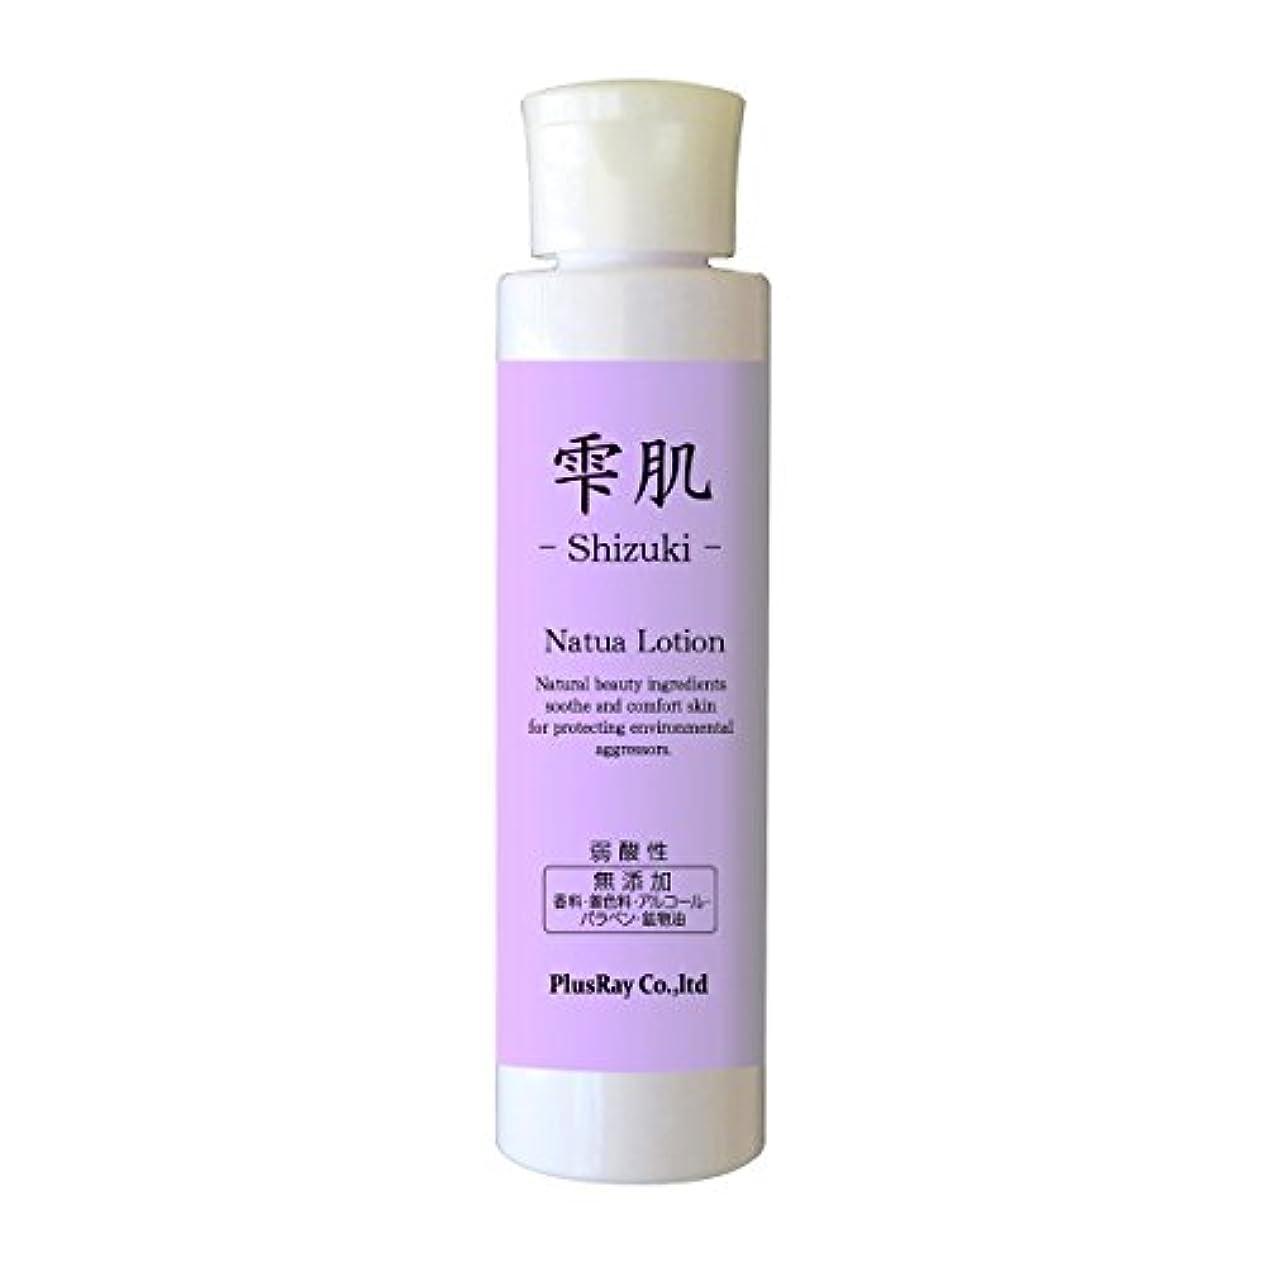 直面する記述するネコプラスレイ(PlusRay)化粧品 ナチュアローション 雫肌 しづき アズレン 化粧水